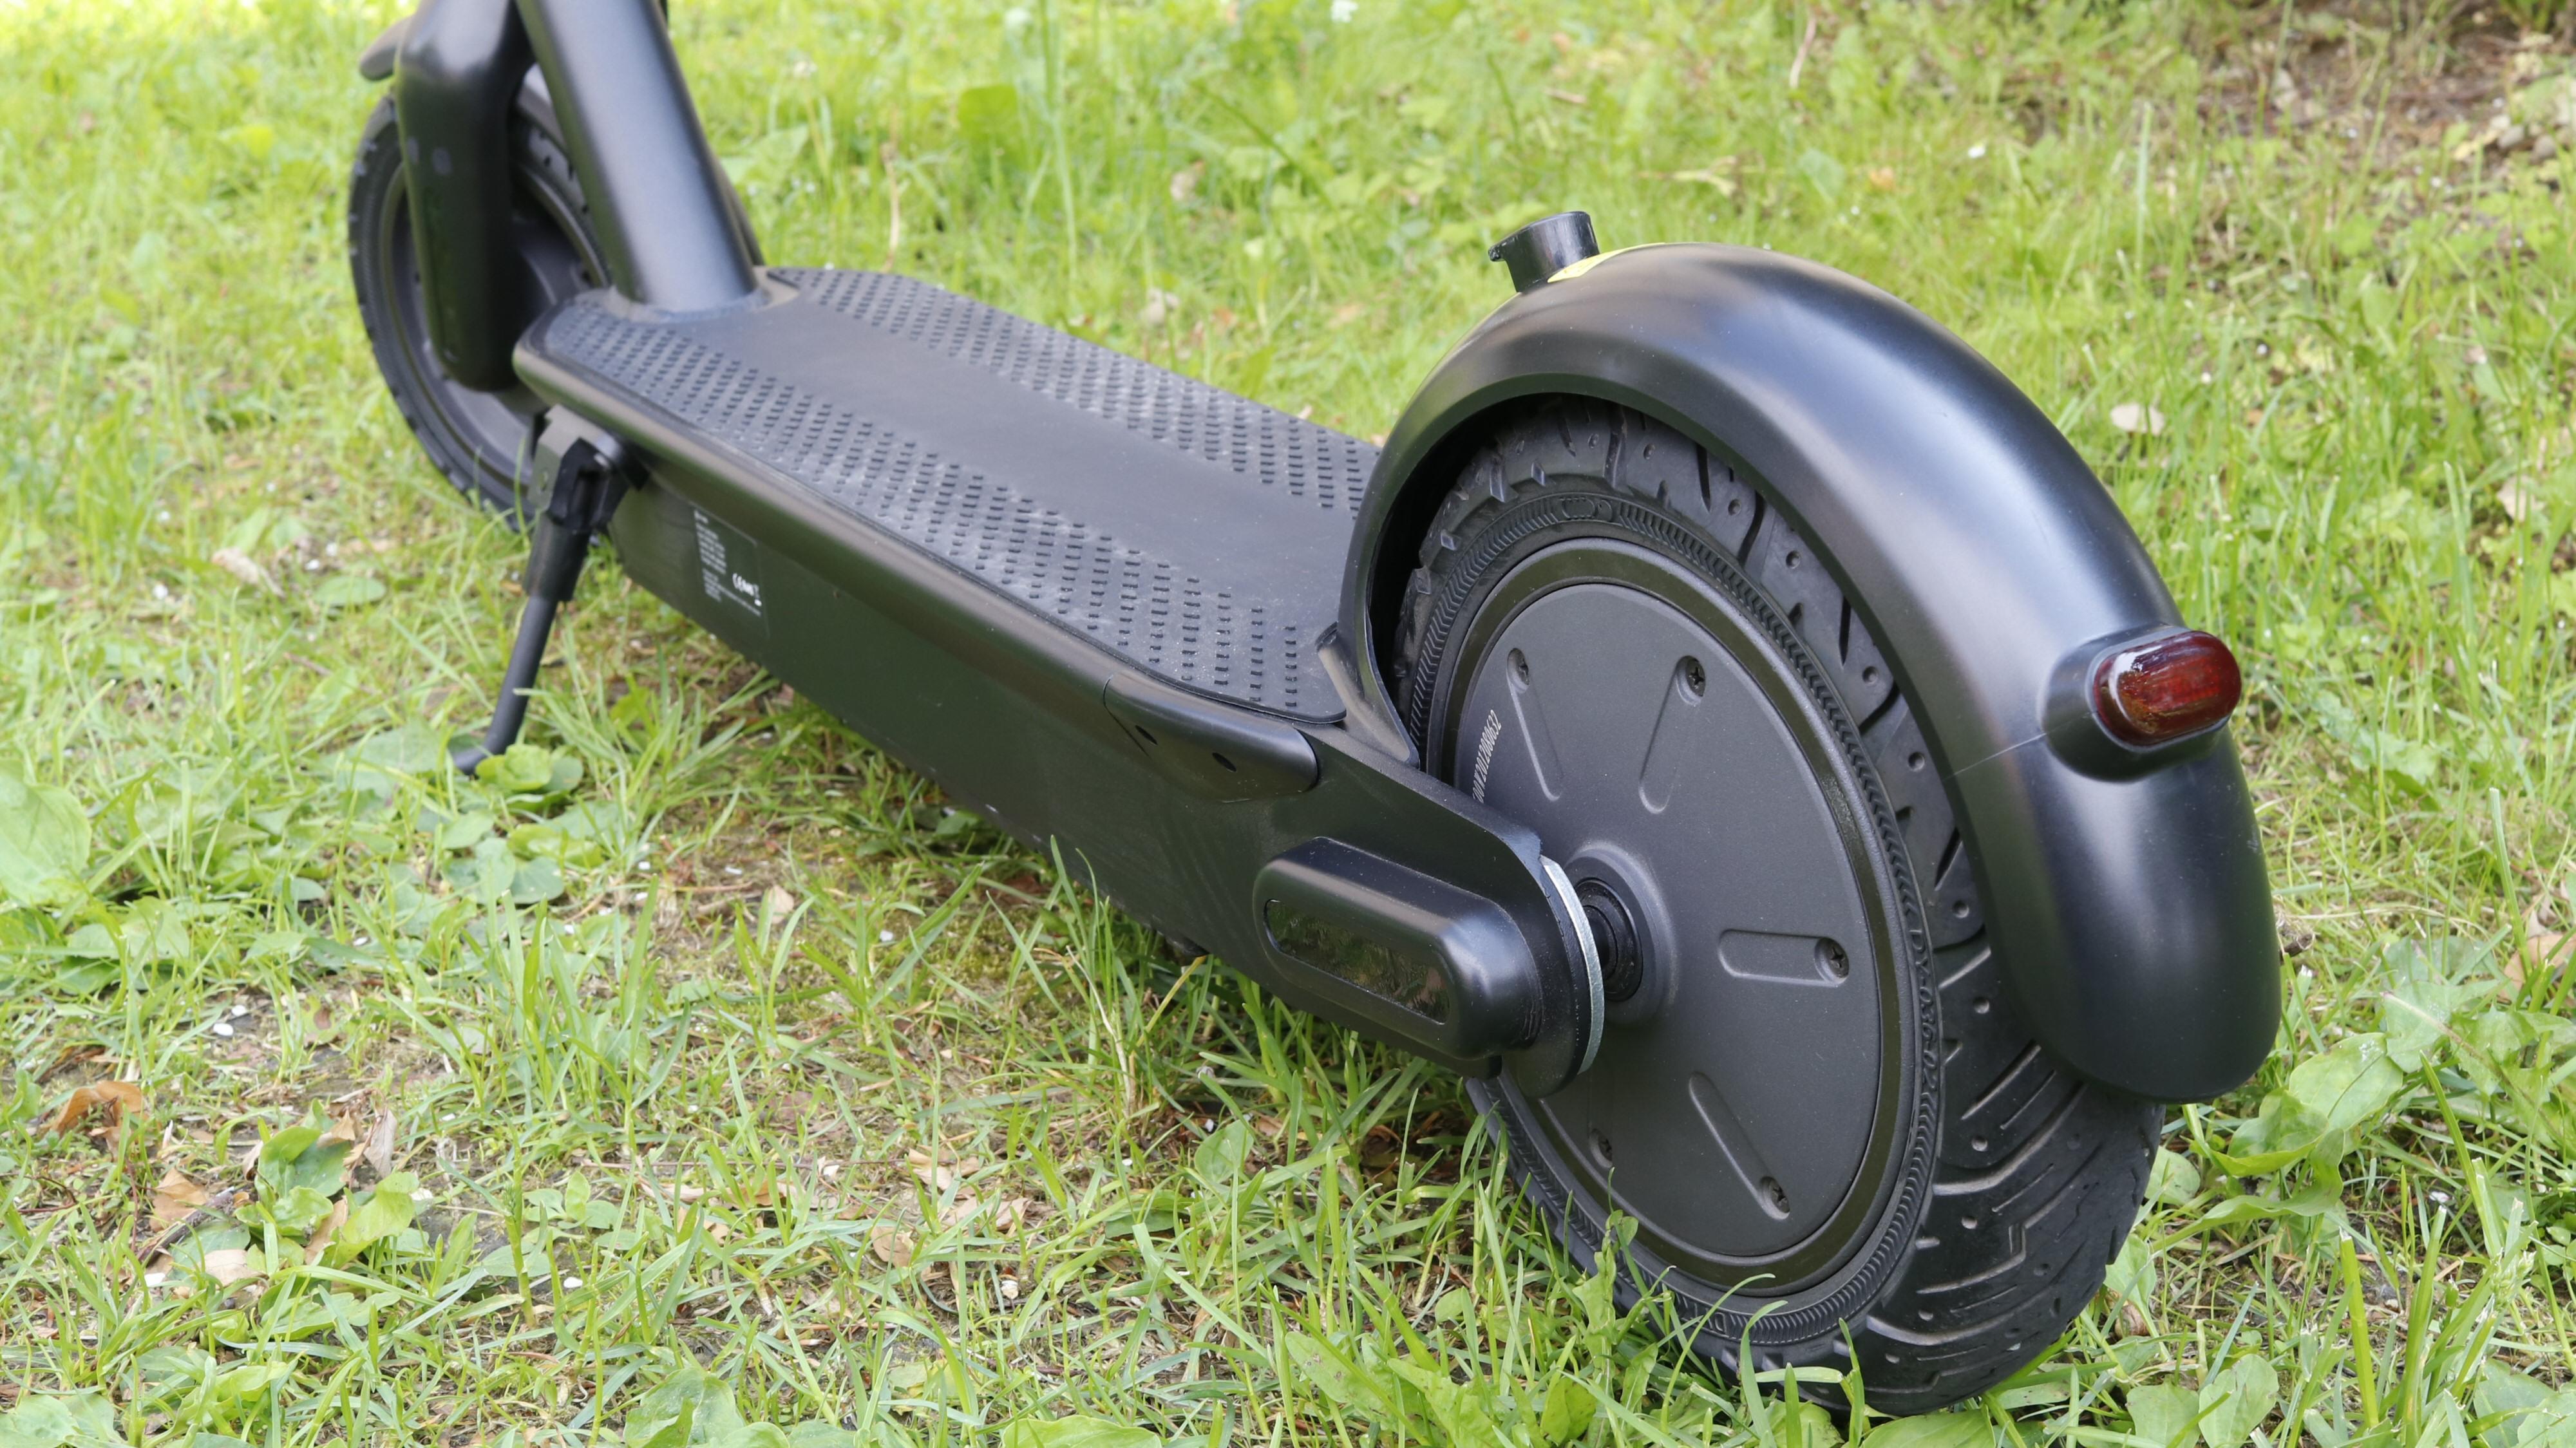 Med motoren på bakhjulet blir elsparkesykkelen også litt baktung.